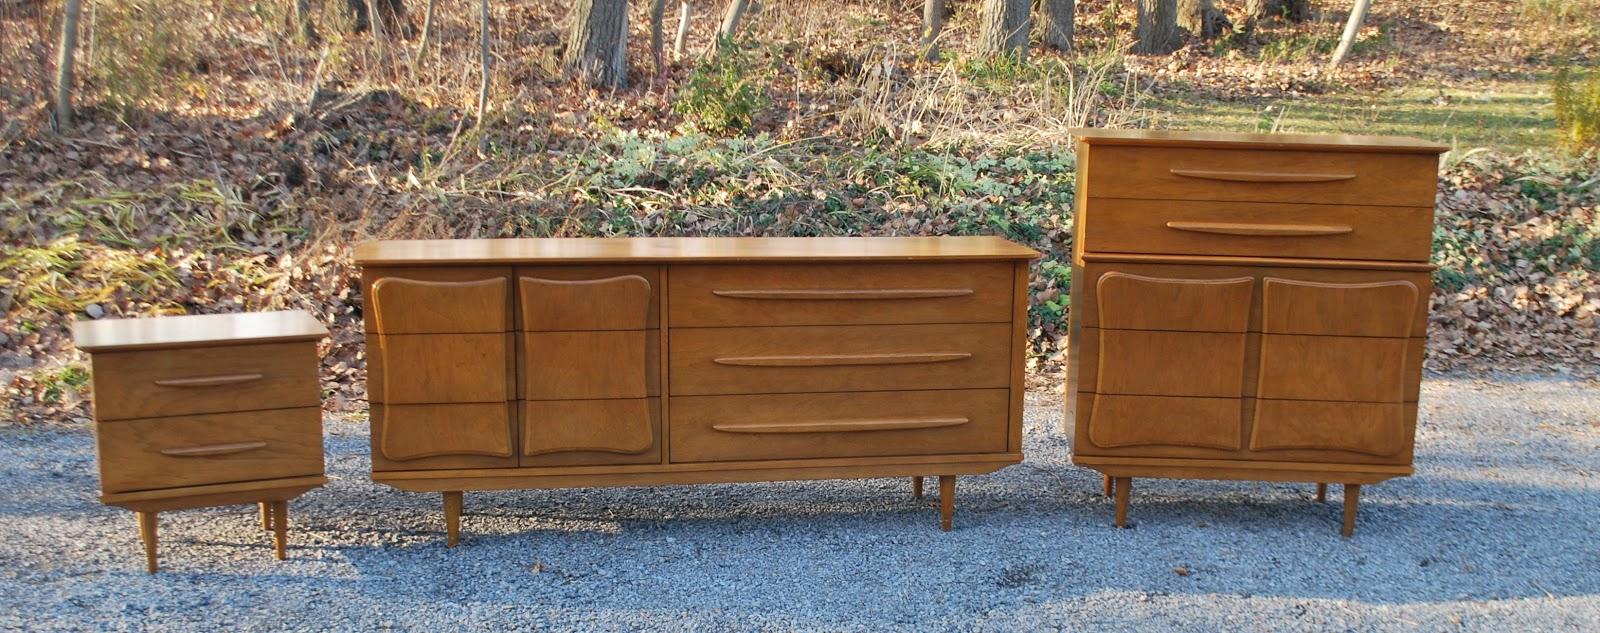 1960s Bedroom Furniture tribute 20th decor: vintage 1960's bedroom set